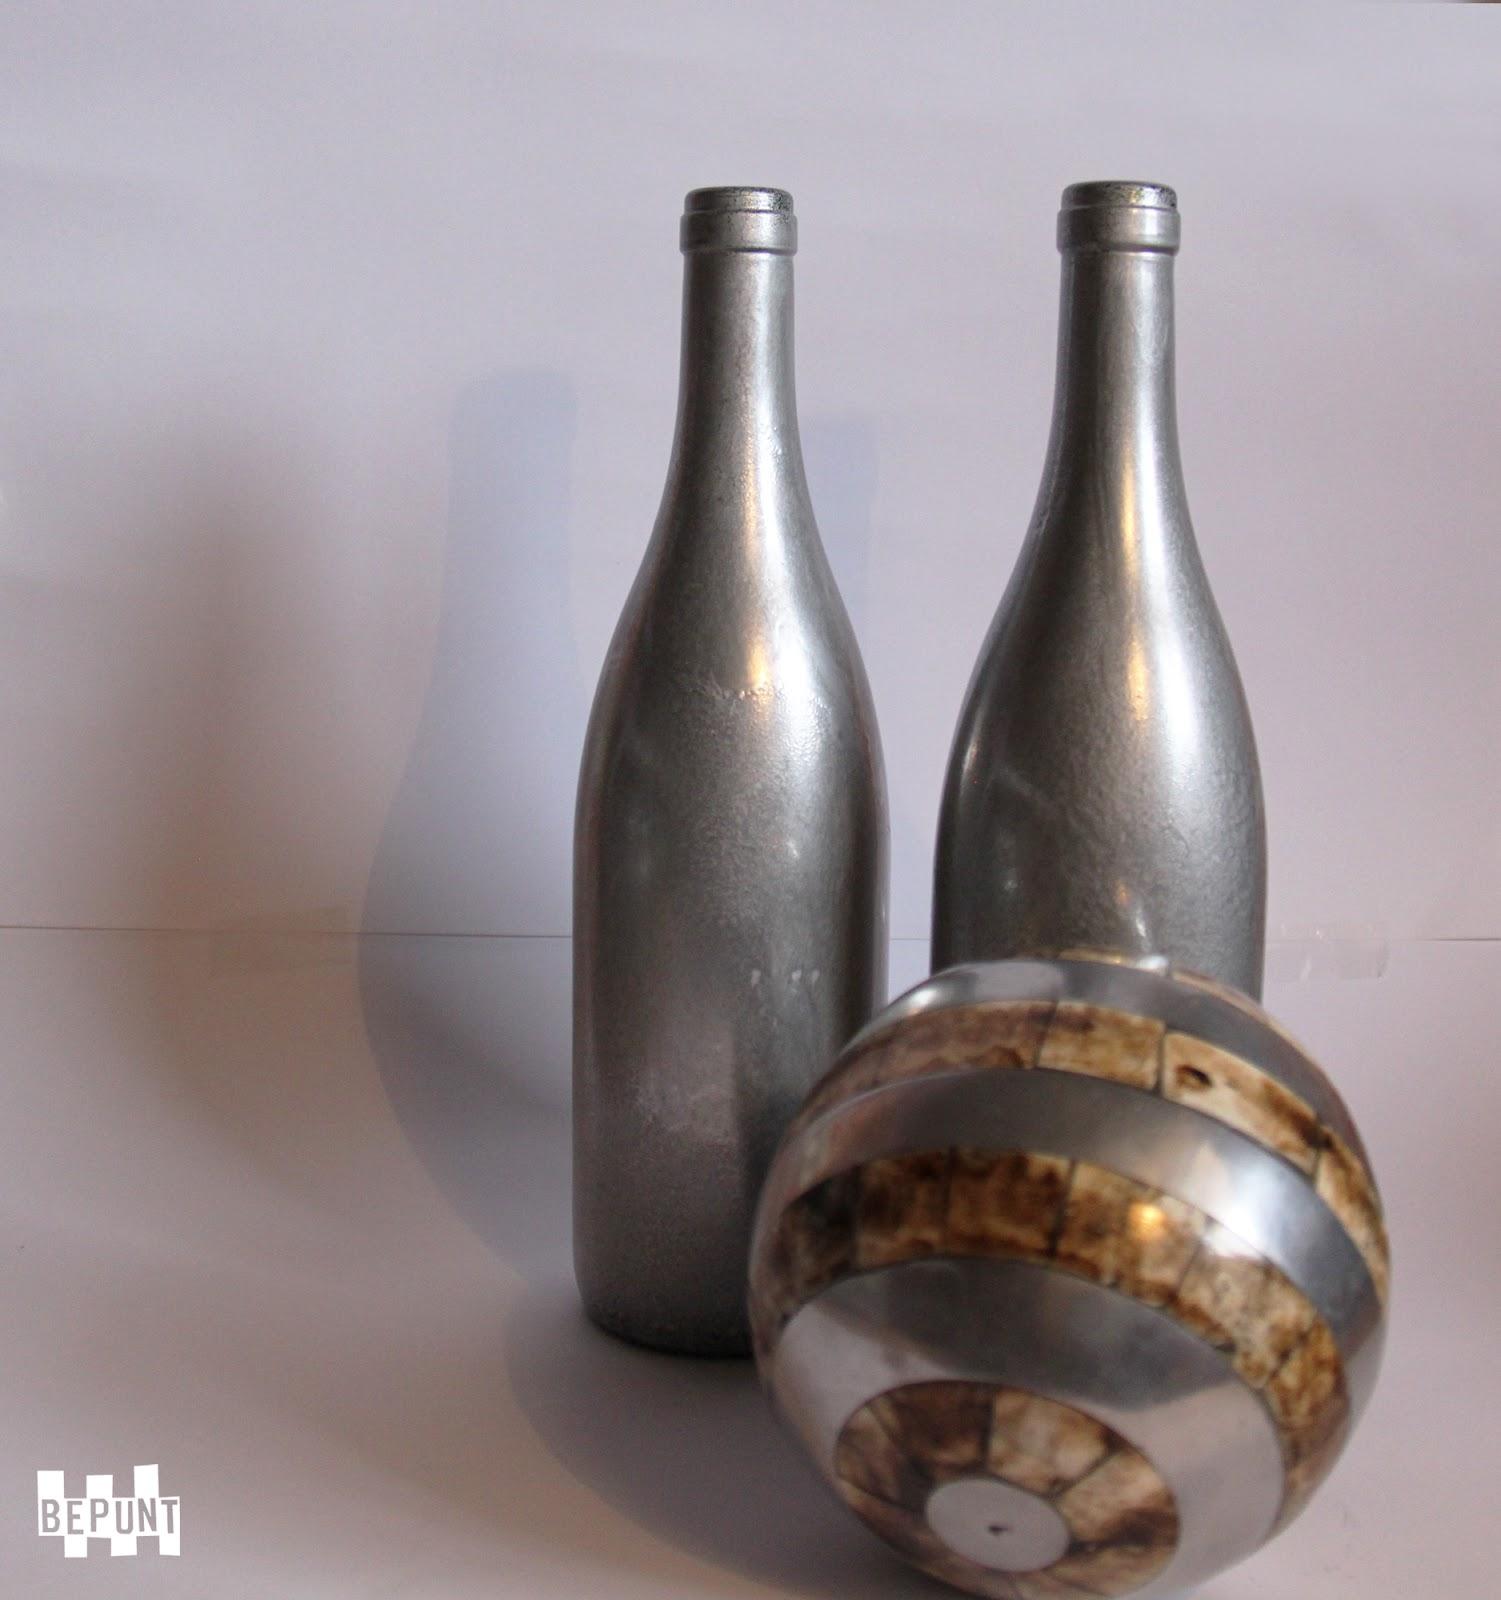 Eierlikörflasche